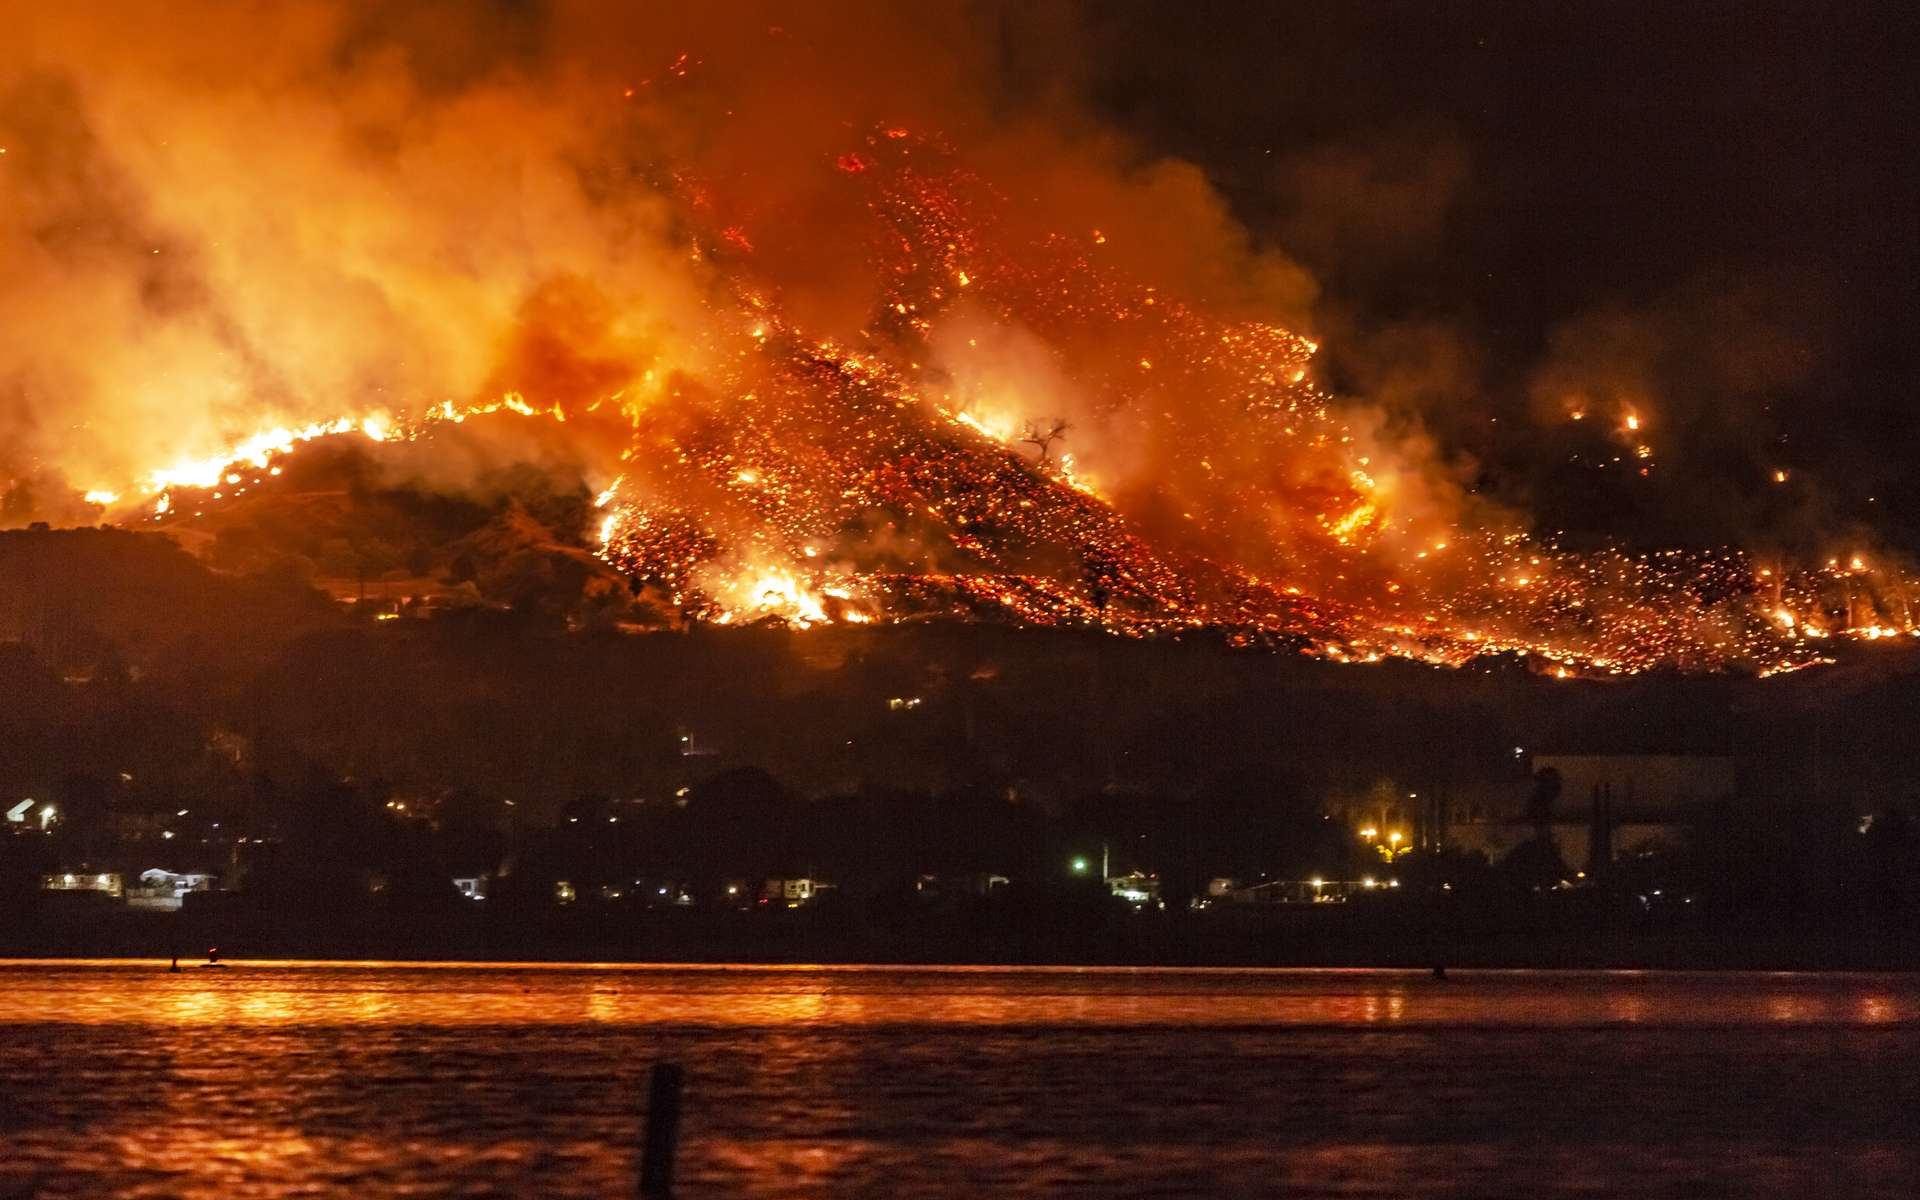 Chaque année, les feux de forêt nous rappellent l'urgence du réchauffement climatique. © Kevin Key, Adobe Stock